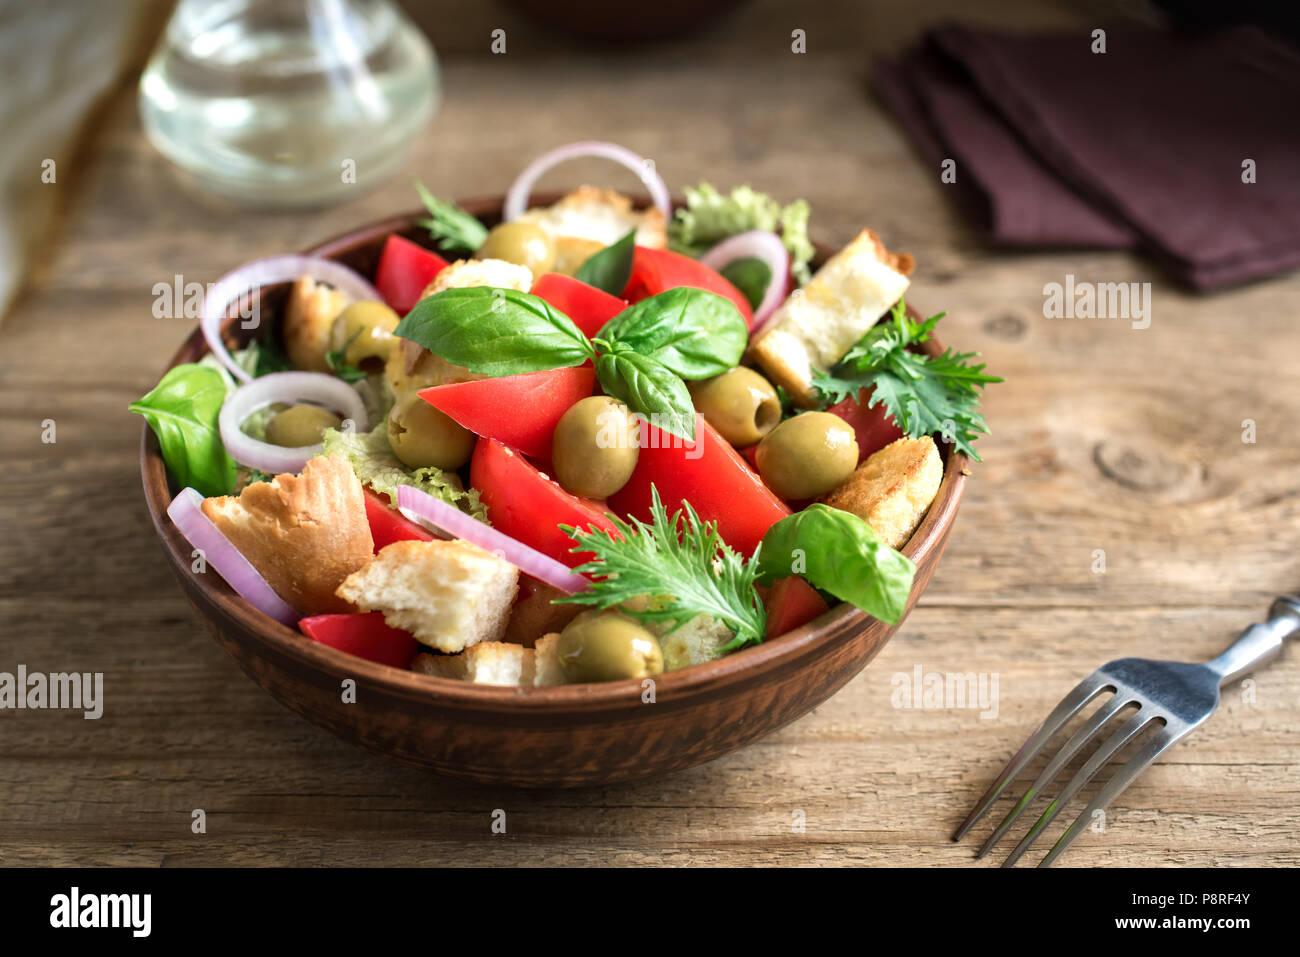 Panzanella Salade de tomates avec des tomates cerises, basilic et croûtons de pain ciabatta. Des aliments sains - salade panzanella, copiez l'espace. Photo Stock